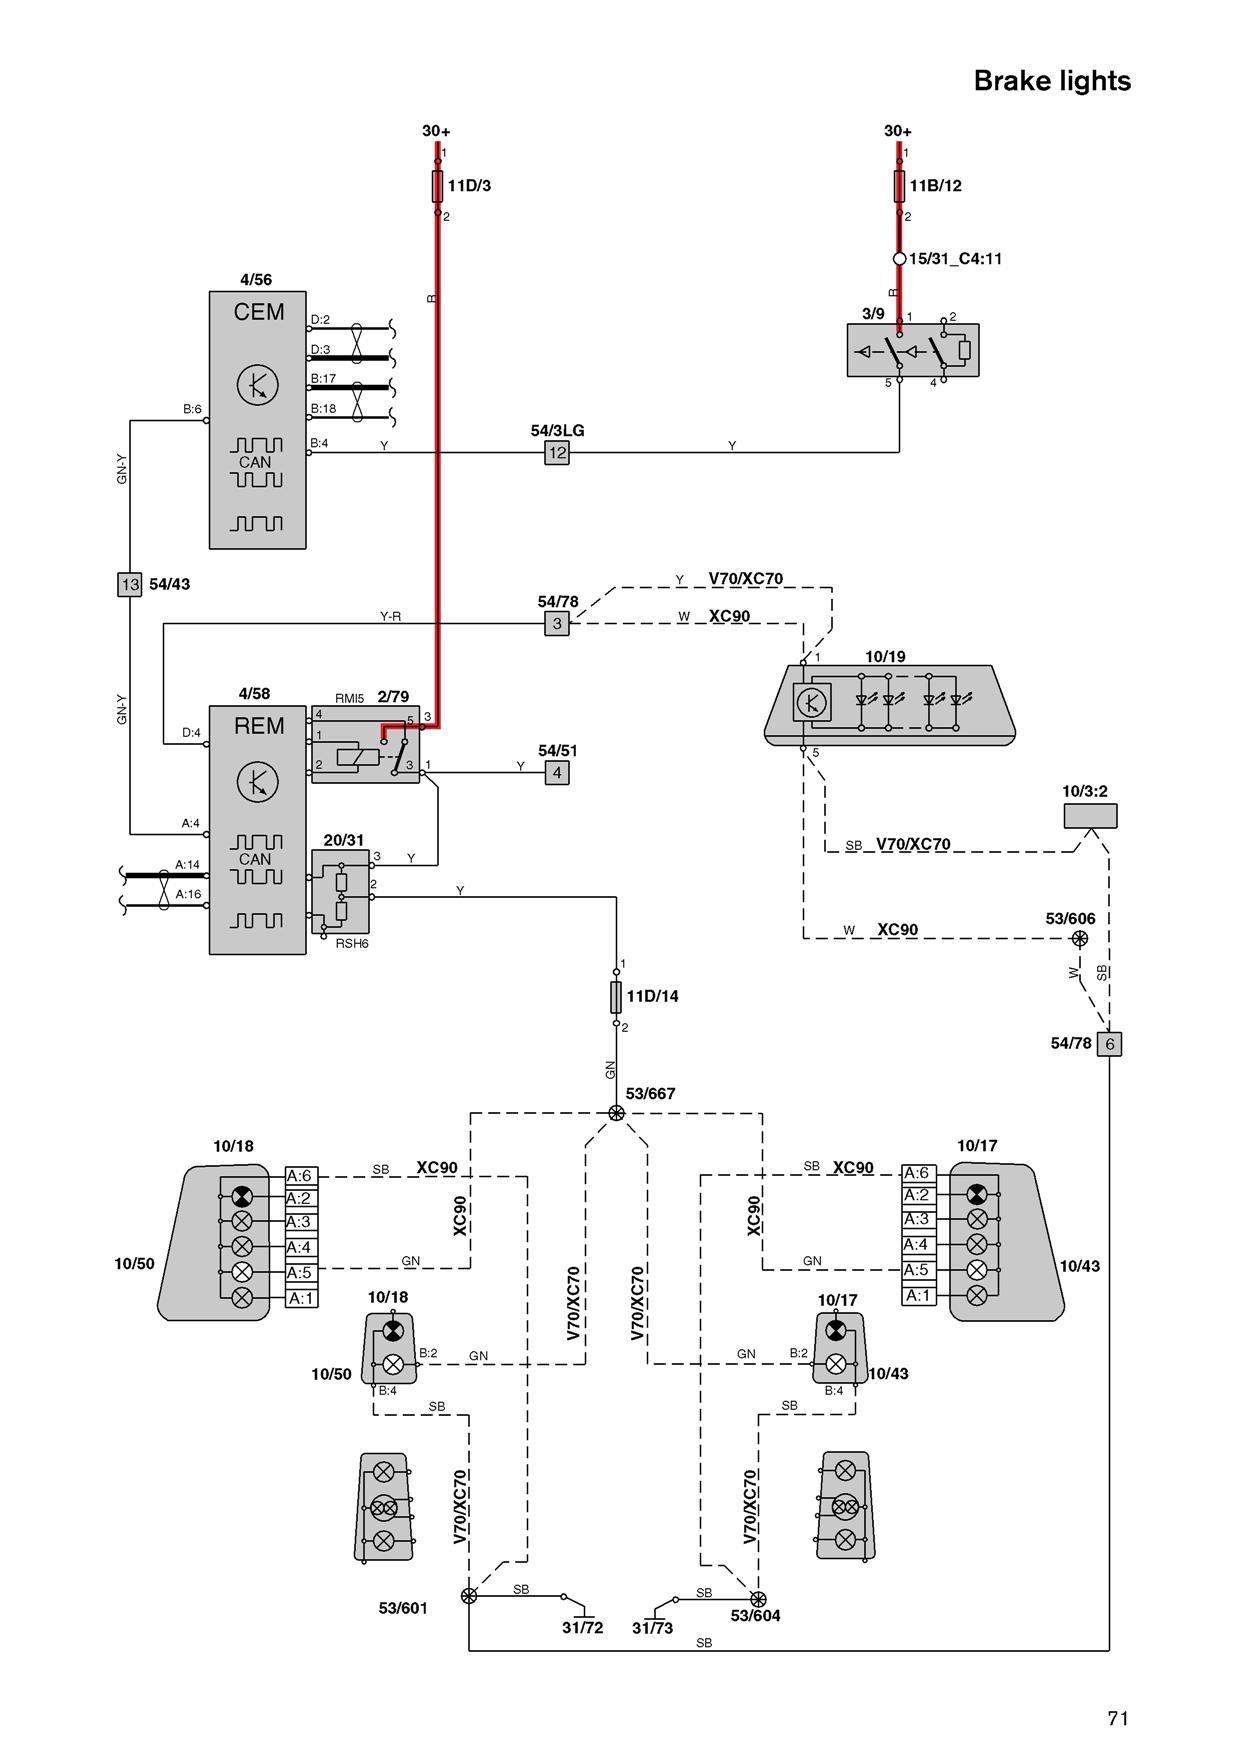 Ford E350 Fuse Box Location Wiring Diagram Wiringdiagramlima 2001 Volvo Diagrams S40 Radio